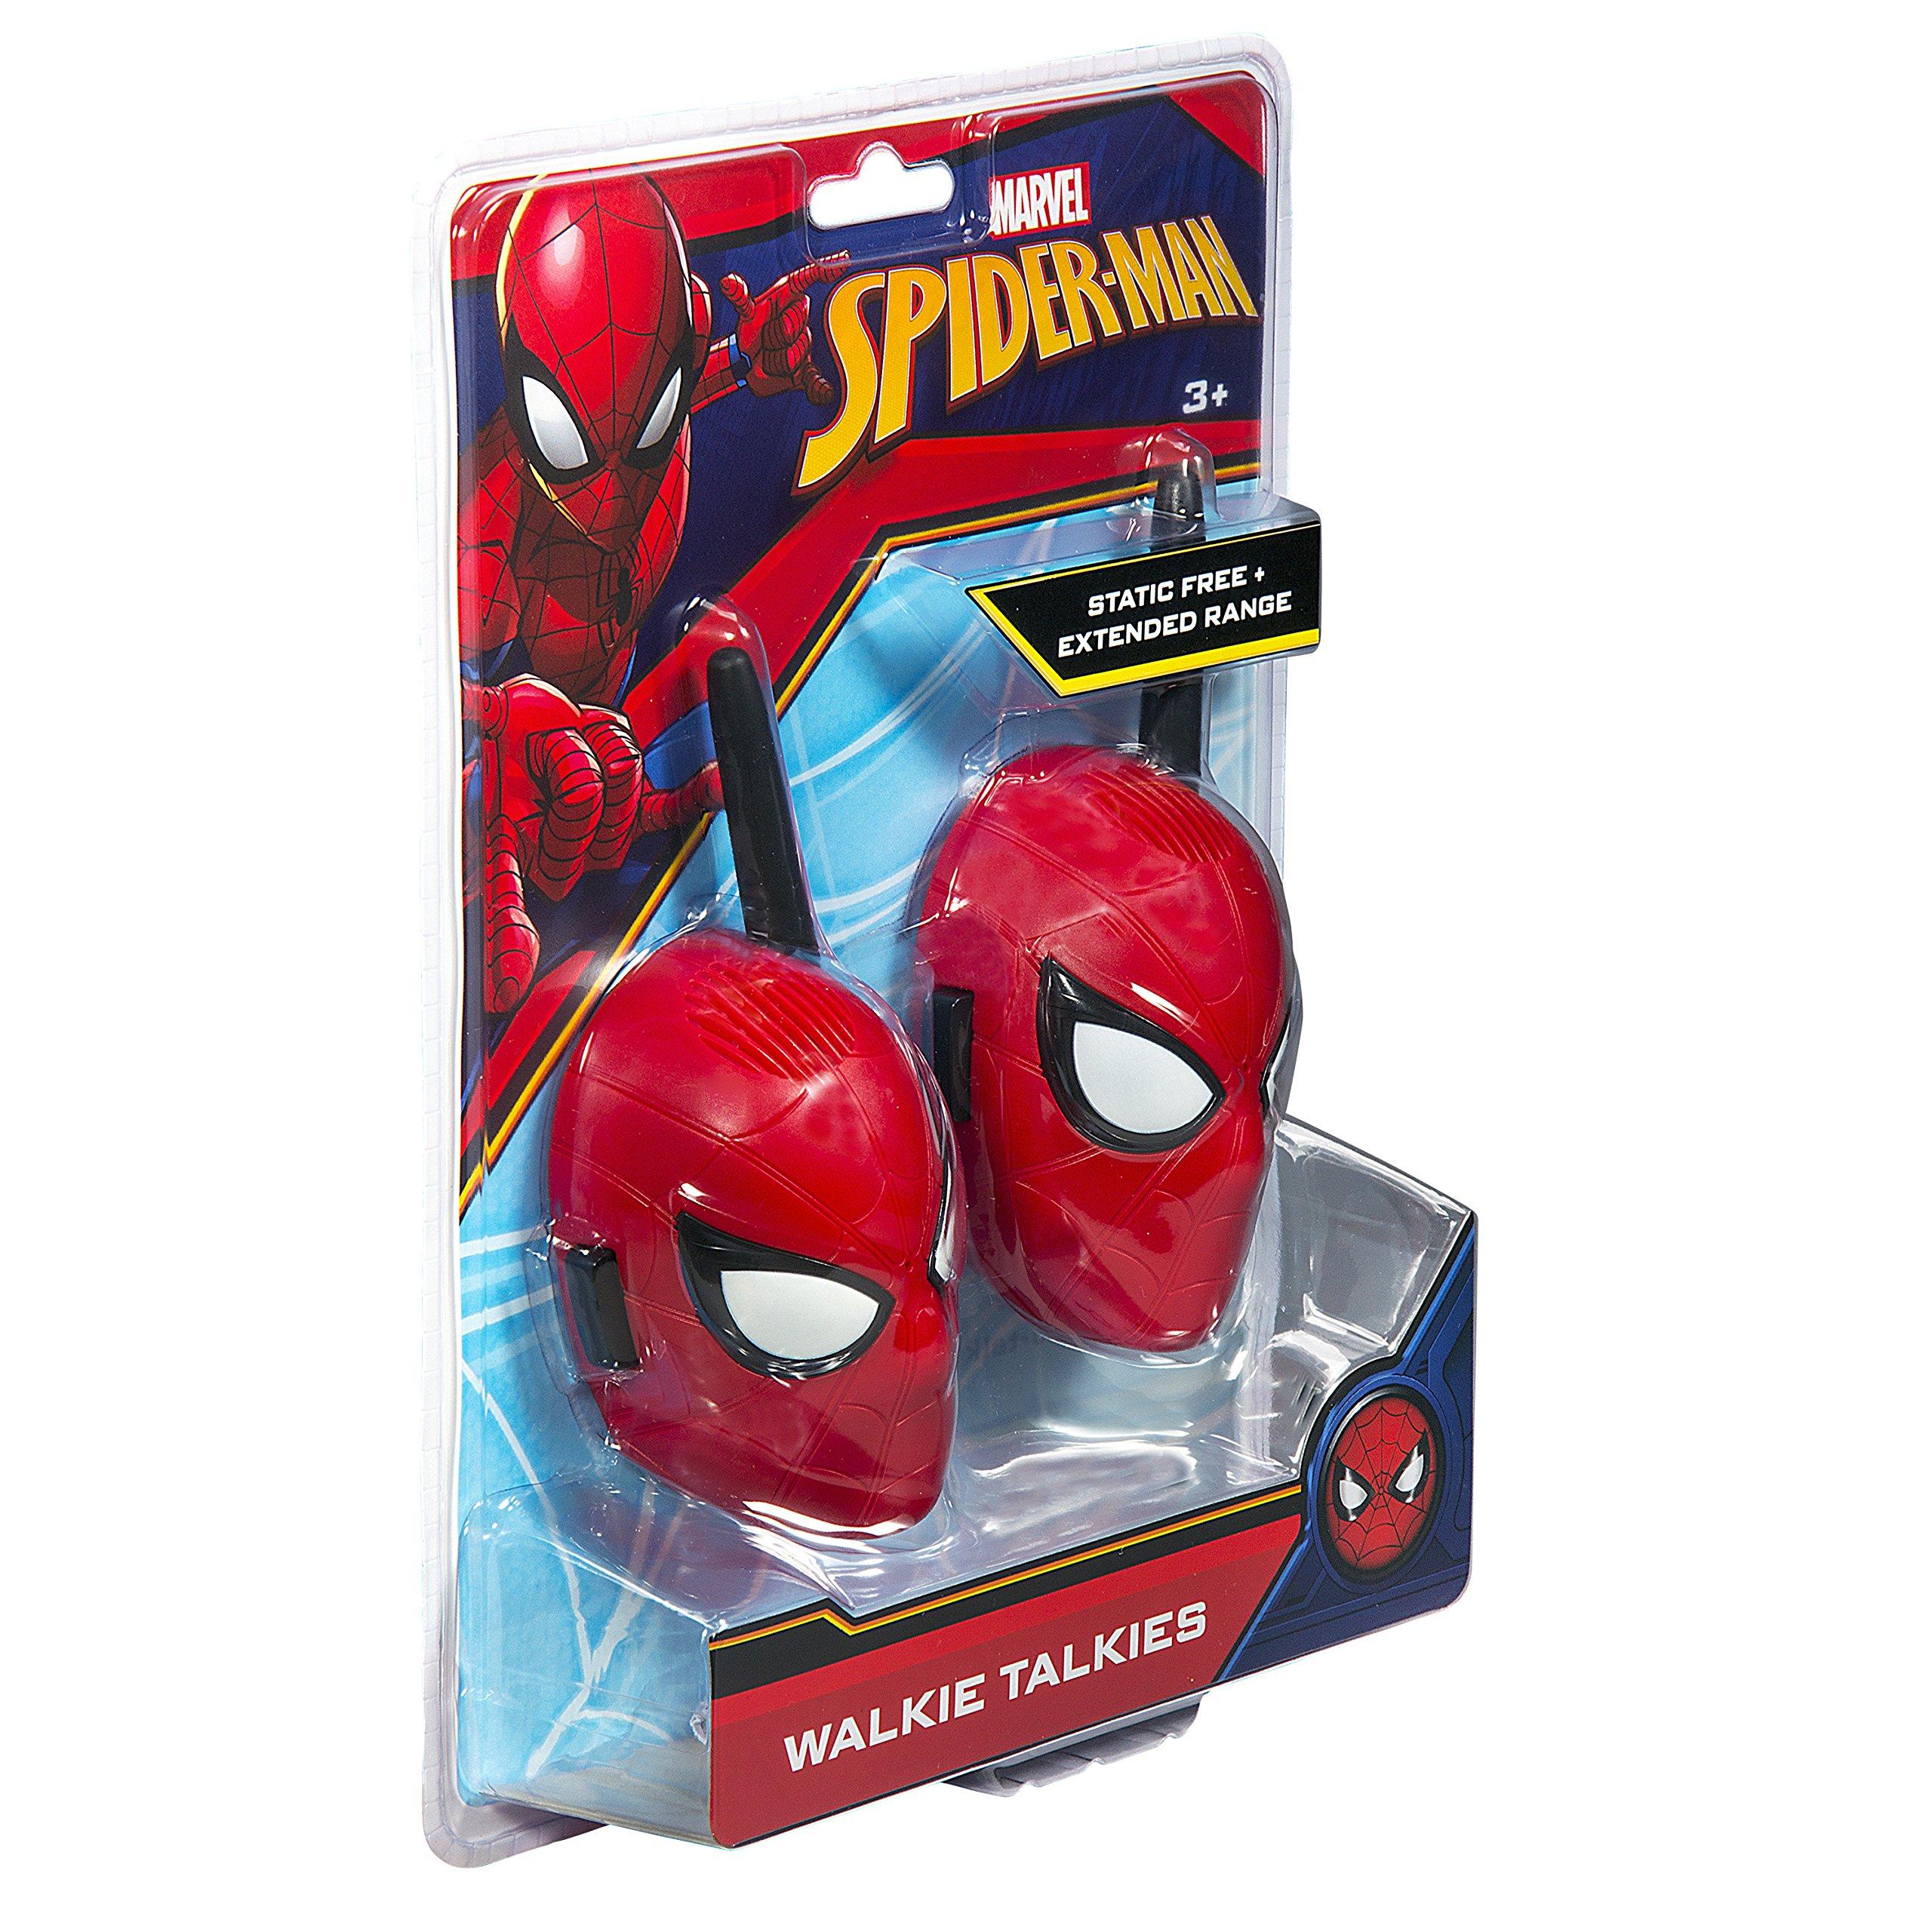 Spiderman Walkie Talkies for Kids Static Free Extended Range Kid Friendly Easy to Use 2 Way Walkie Talkies by eKids (Image #6)